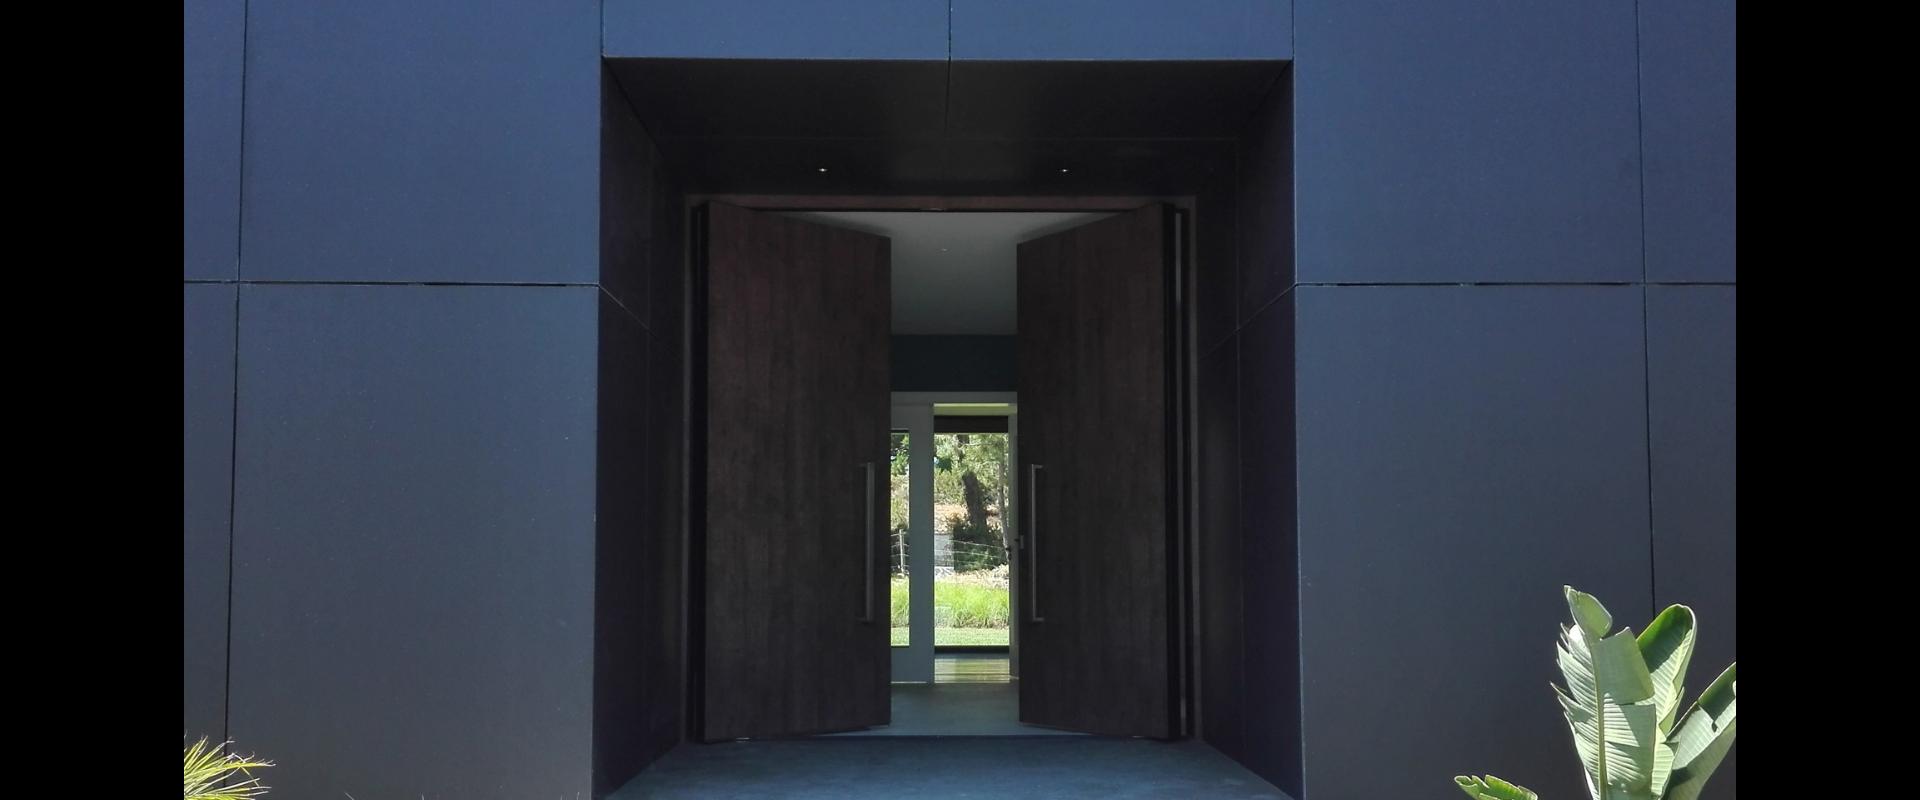 La porte d'entrée est le miroir de votre maison.